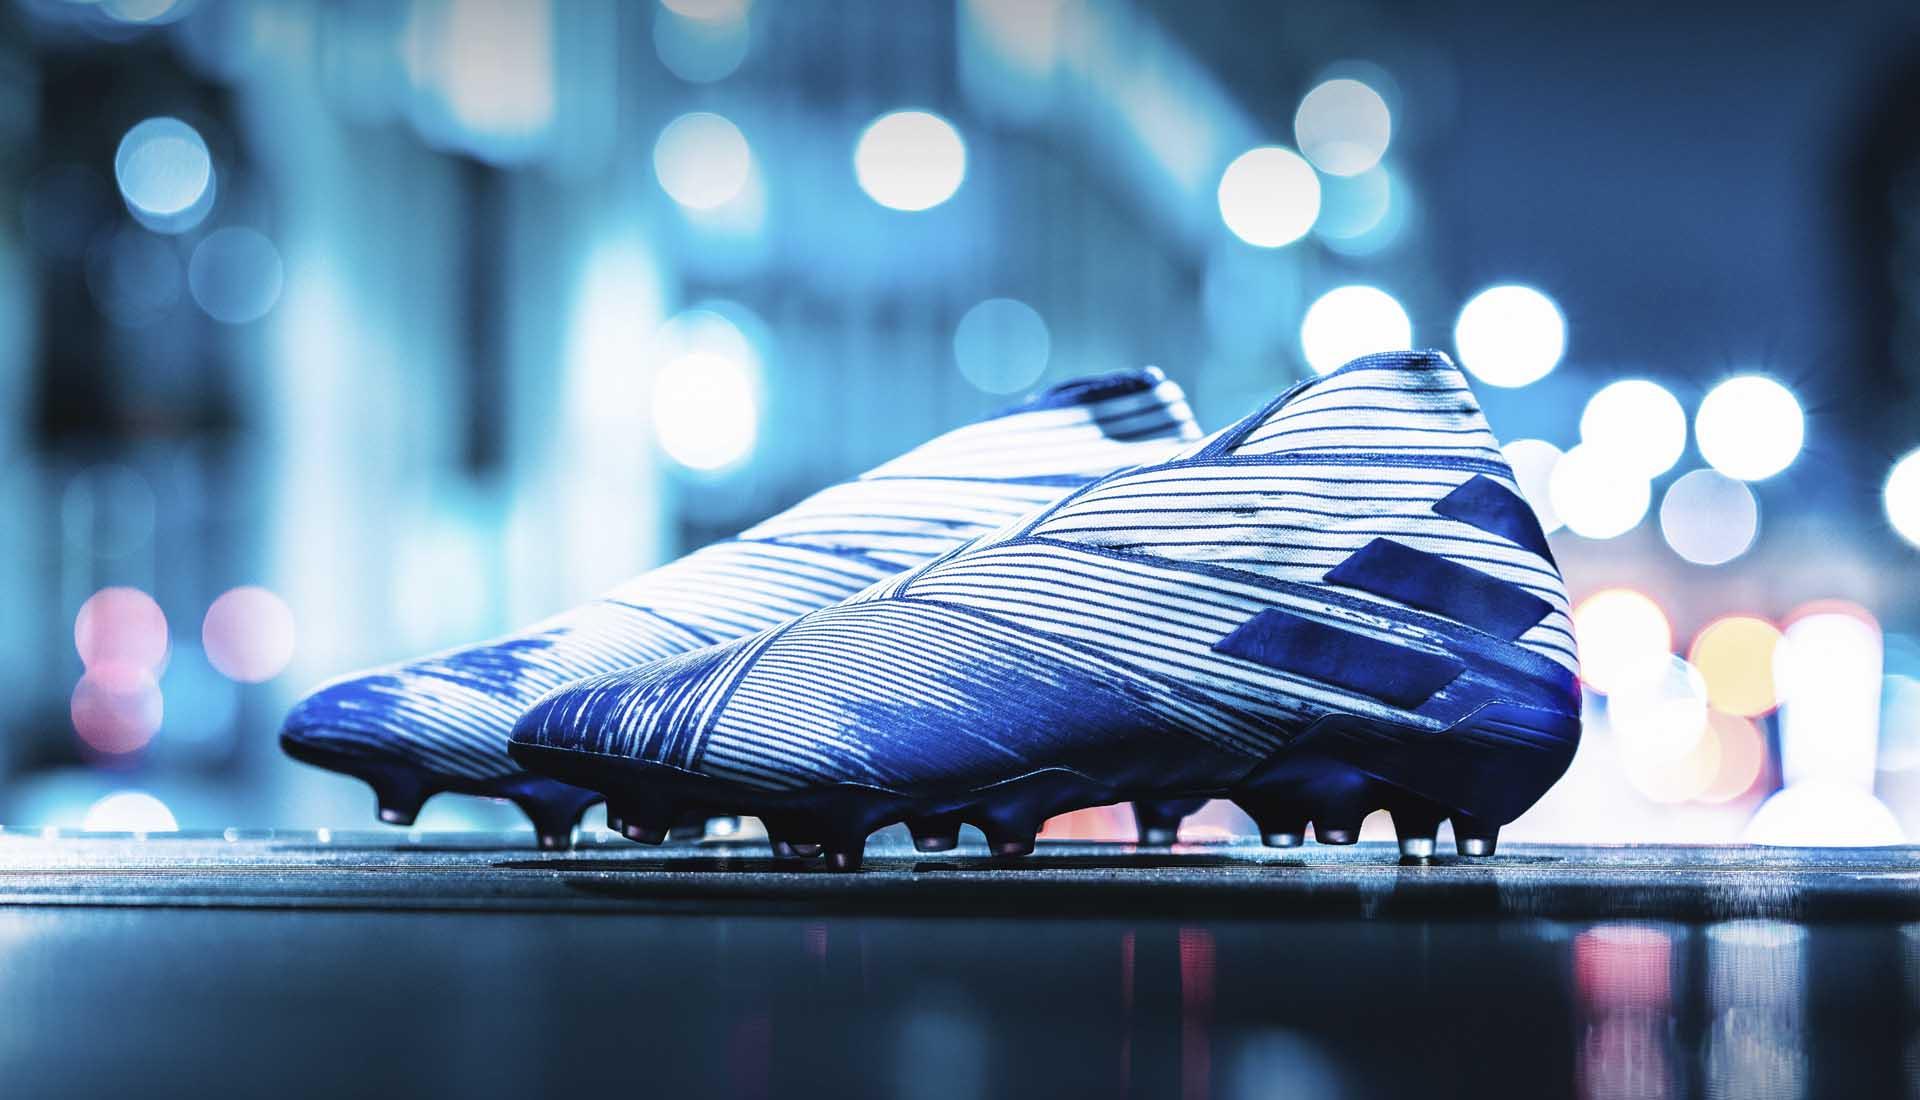 Giày bóng đá Adidas Nemeziz 19+ với thiết kế không dây đẹp mắt và mới lạ